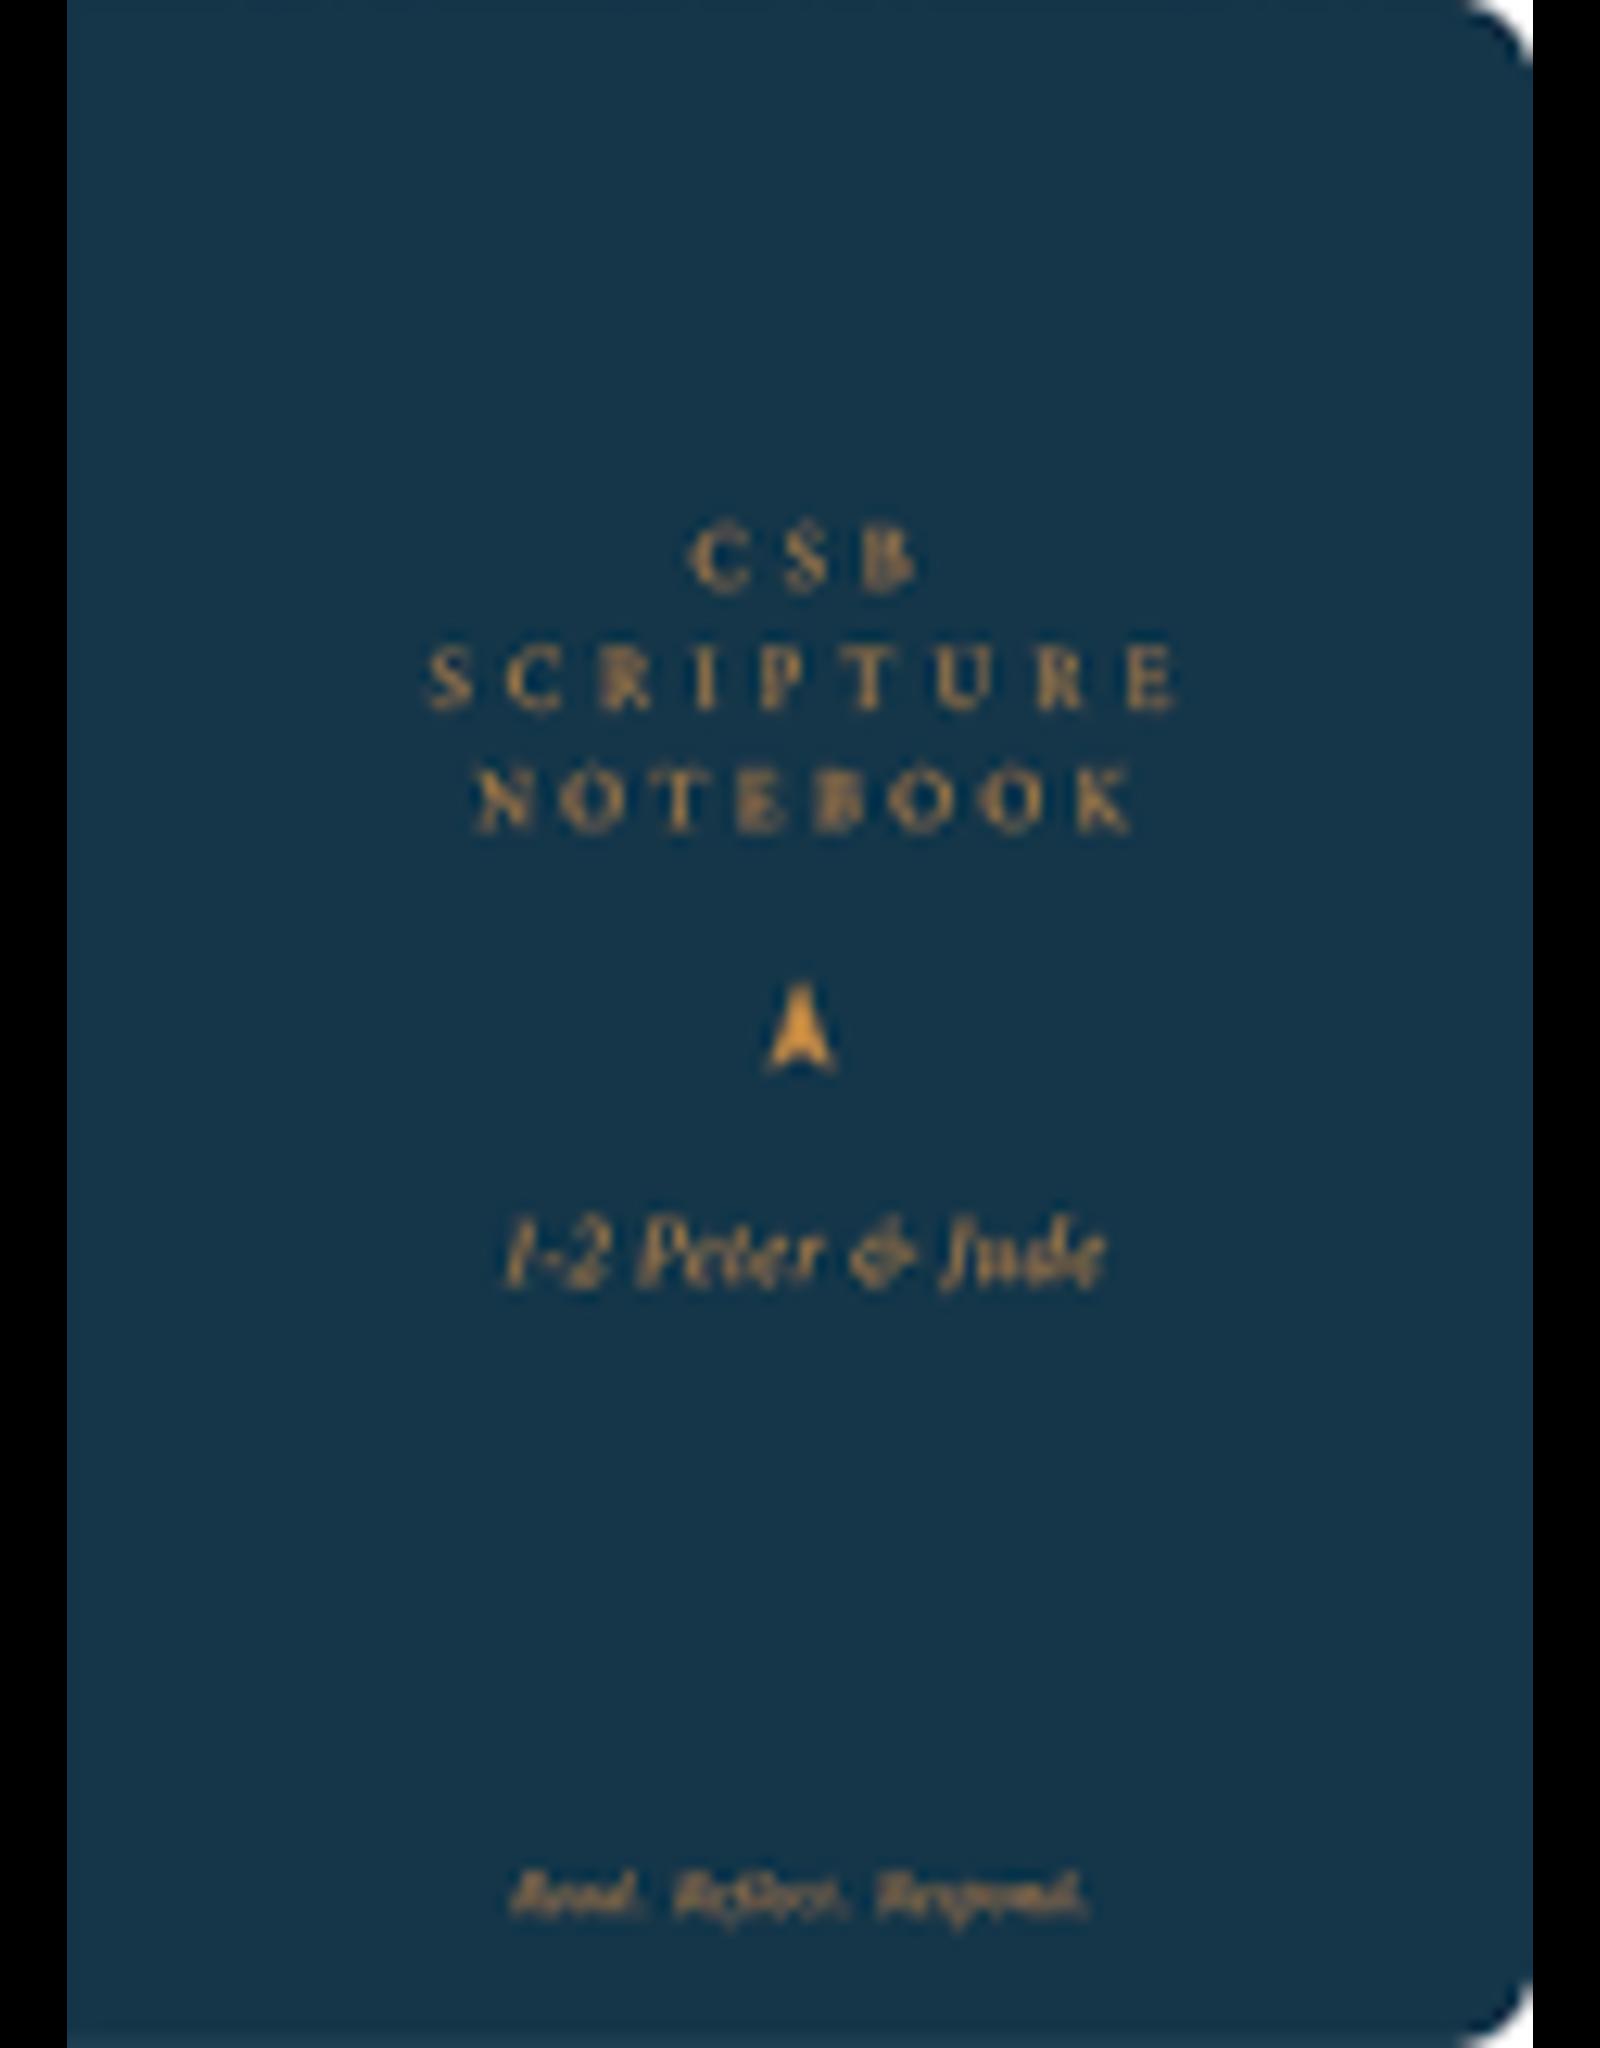 Holman CSB Scripture Notebook - 1-2 Peter & Jude